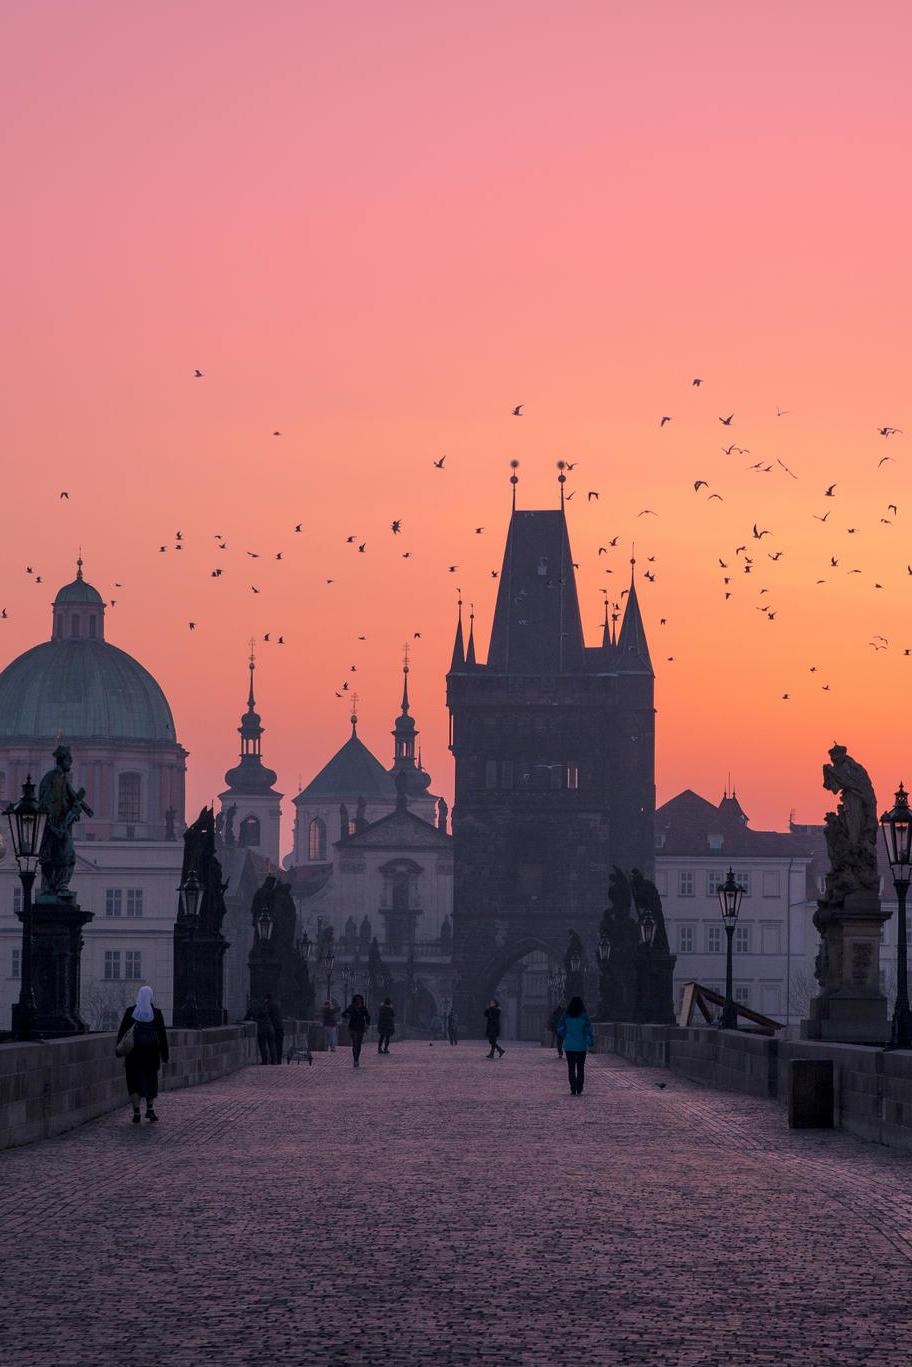 prague charles bridge architecture tower castle europe city tourism